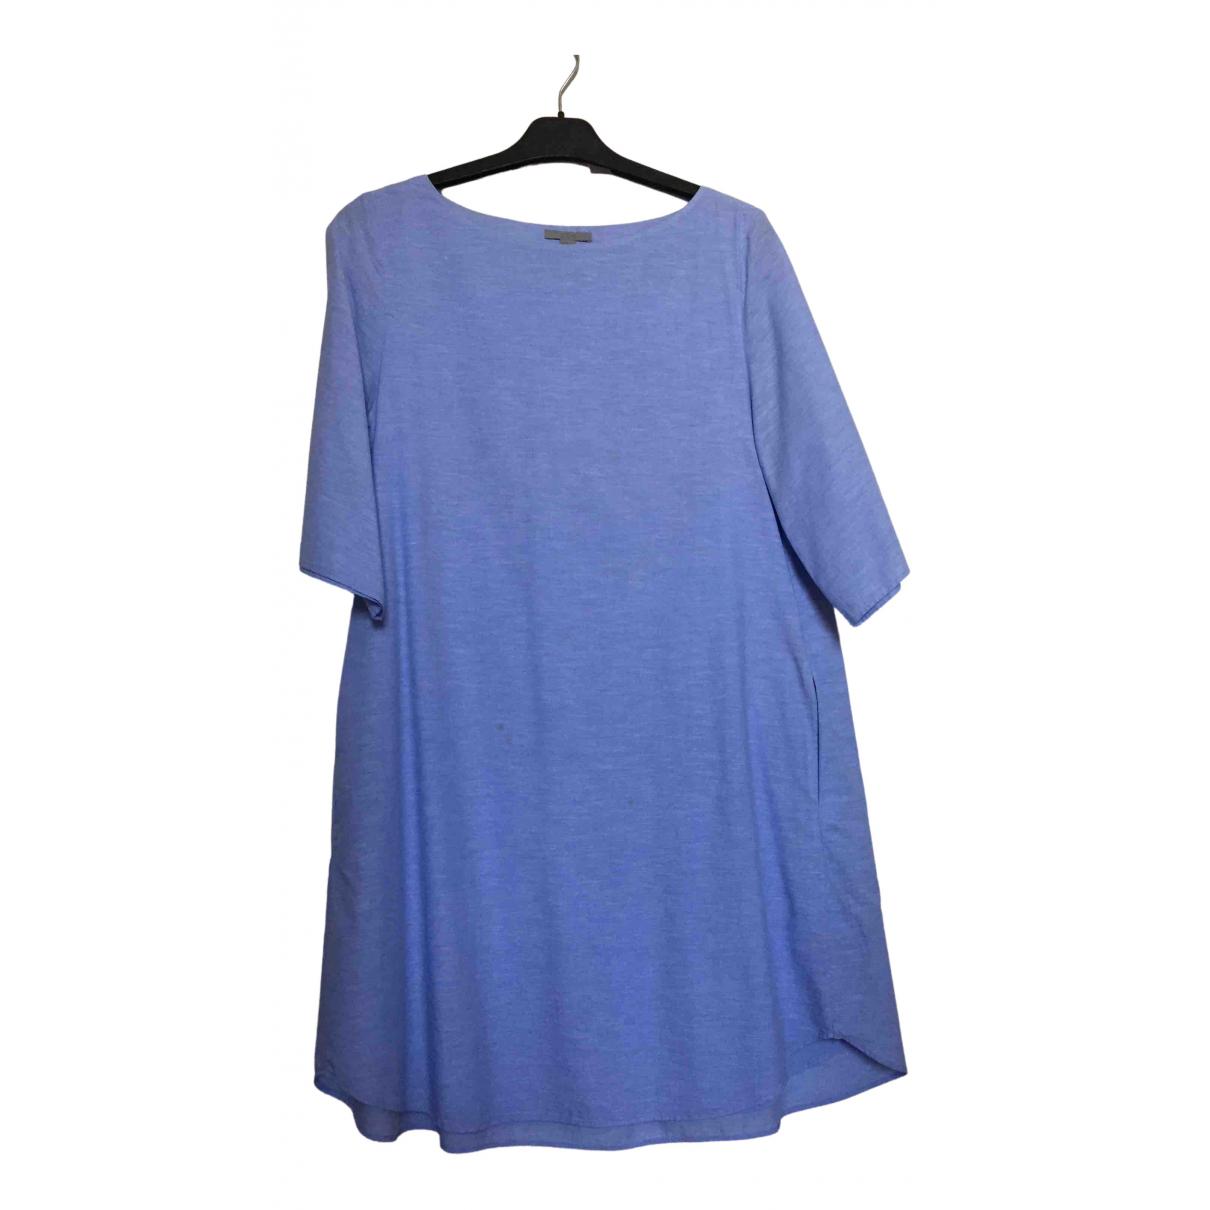 Cos - Robe   pour femme en coton - turquoise